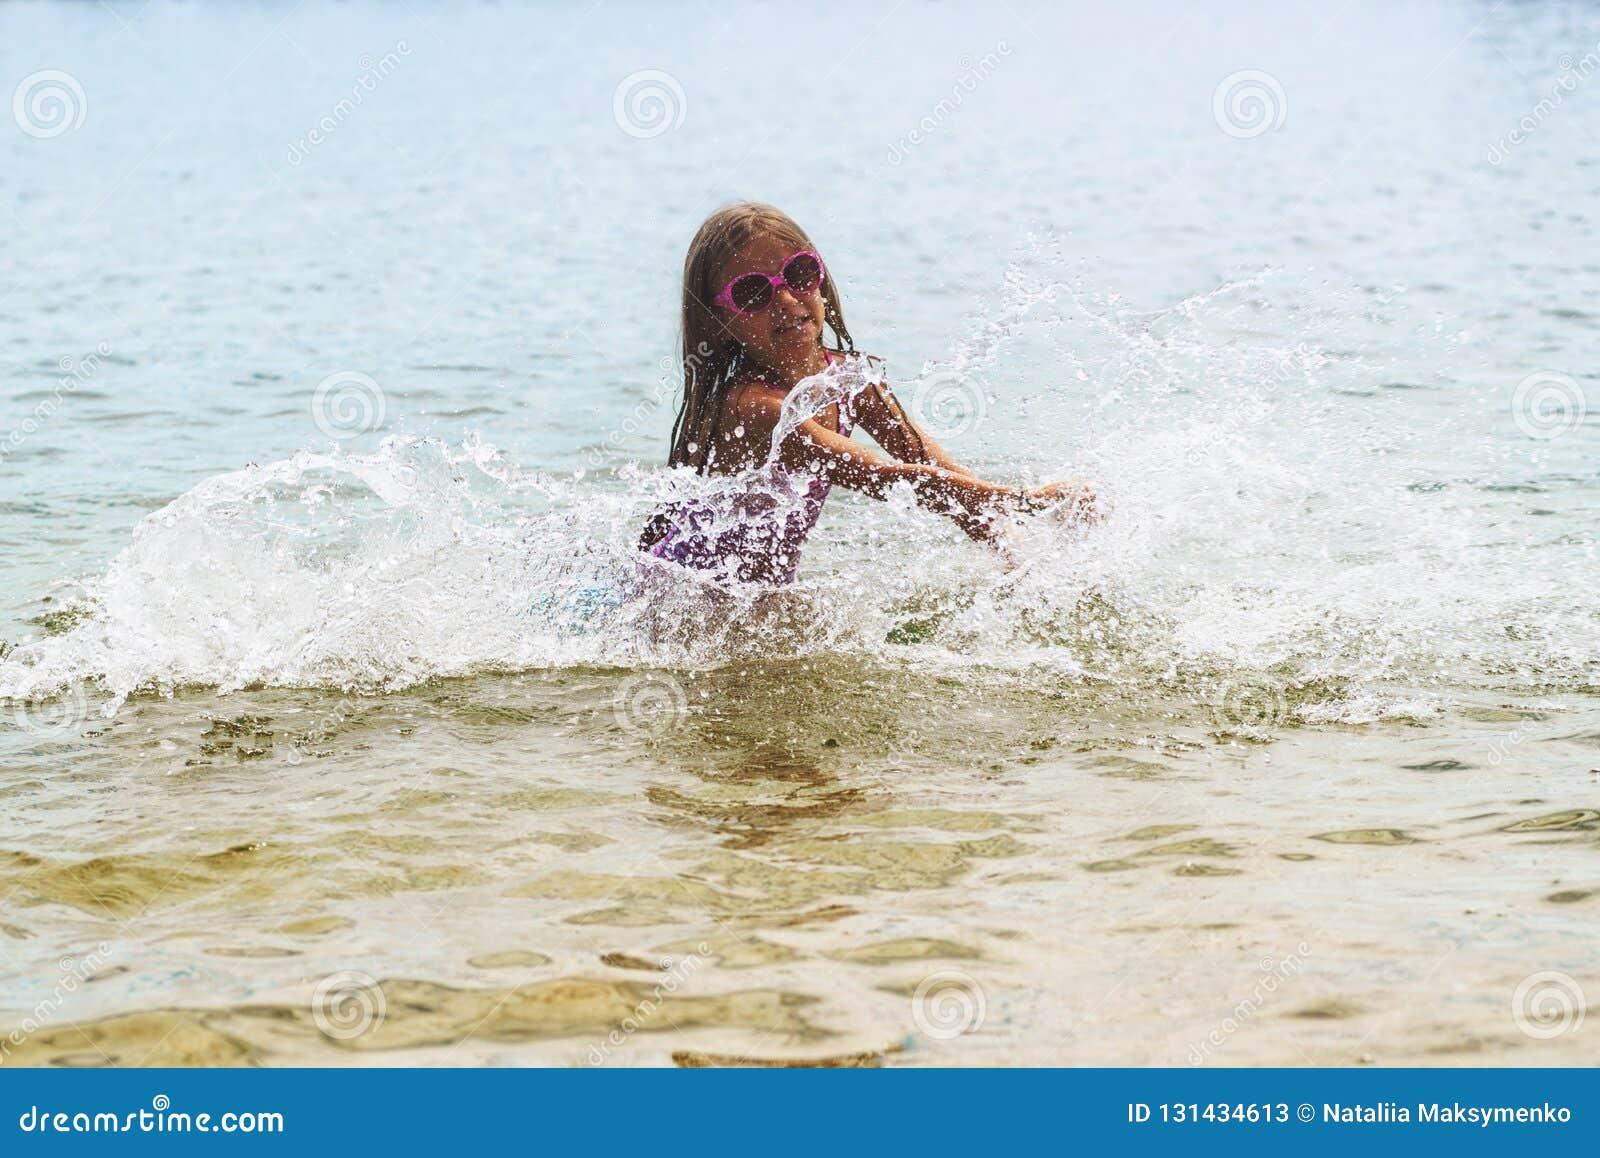 Szczęśliwa mała dziewczynka bawić się w płytkich wod fala mała dziewczynka bawić się w morzu macha, dziewczyna Ma zabawę W Dennyc